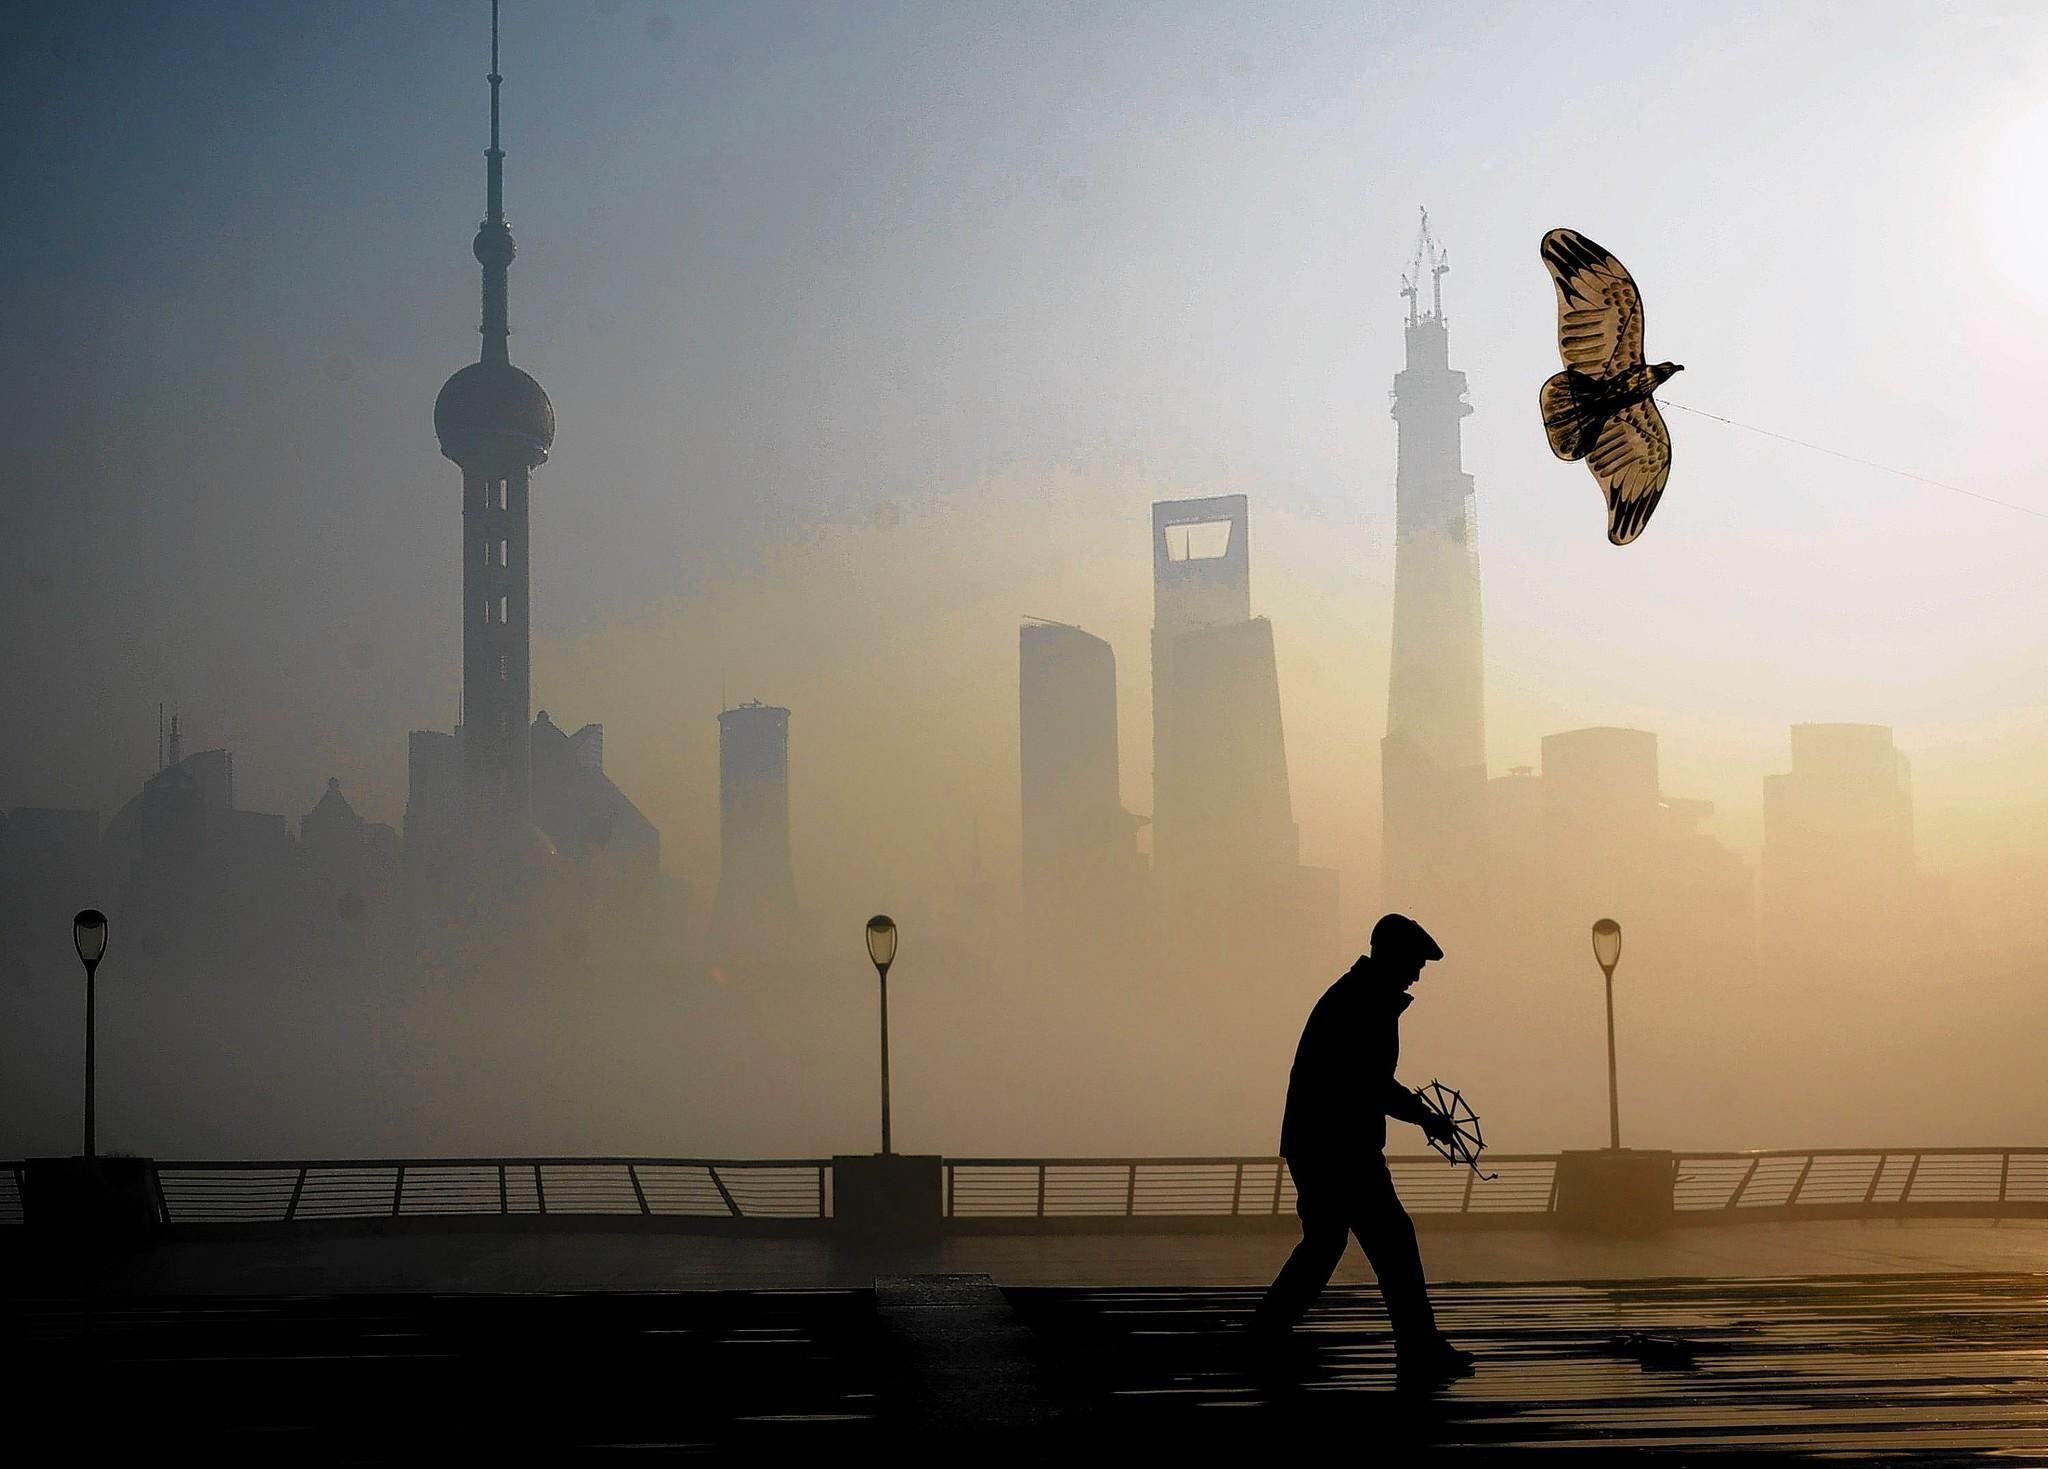 Le città della costa occidentale deli Stati Uniti iniziano a lamentare un aumento del livello di smog a causa dei gas prodotti dalle industrie cinesi.Lo sc